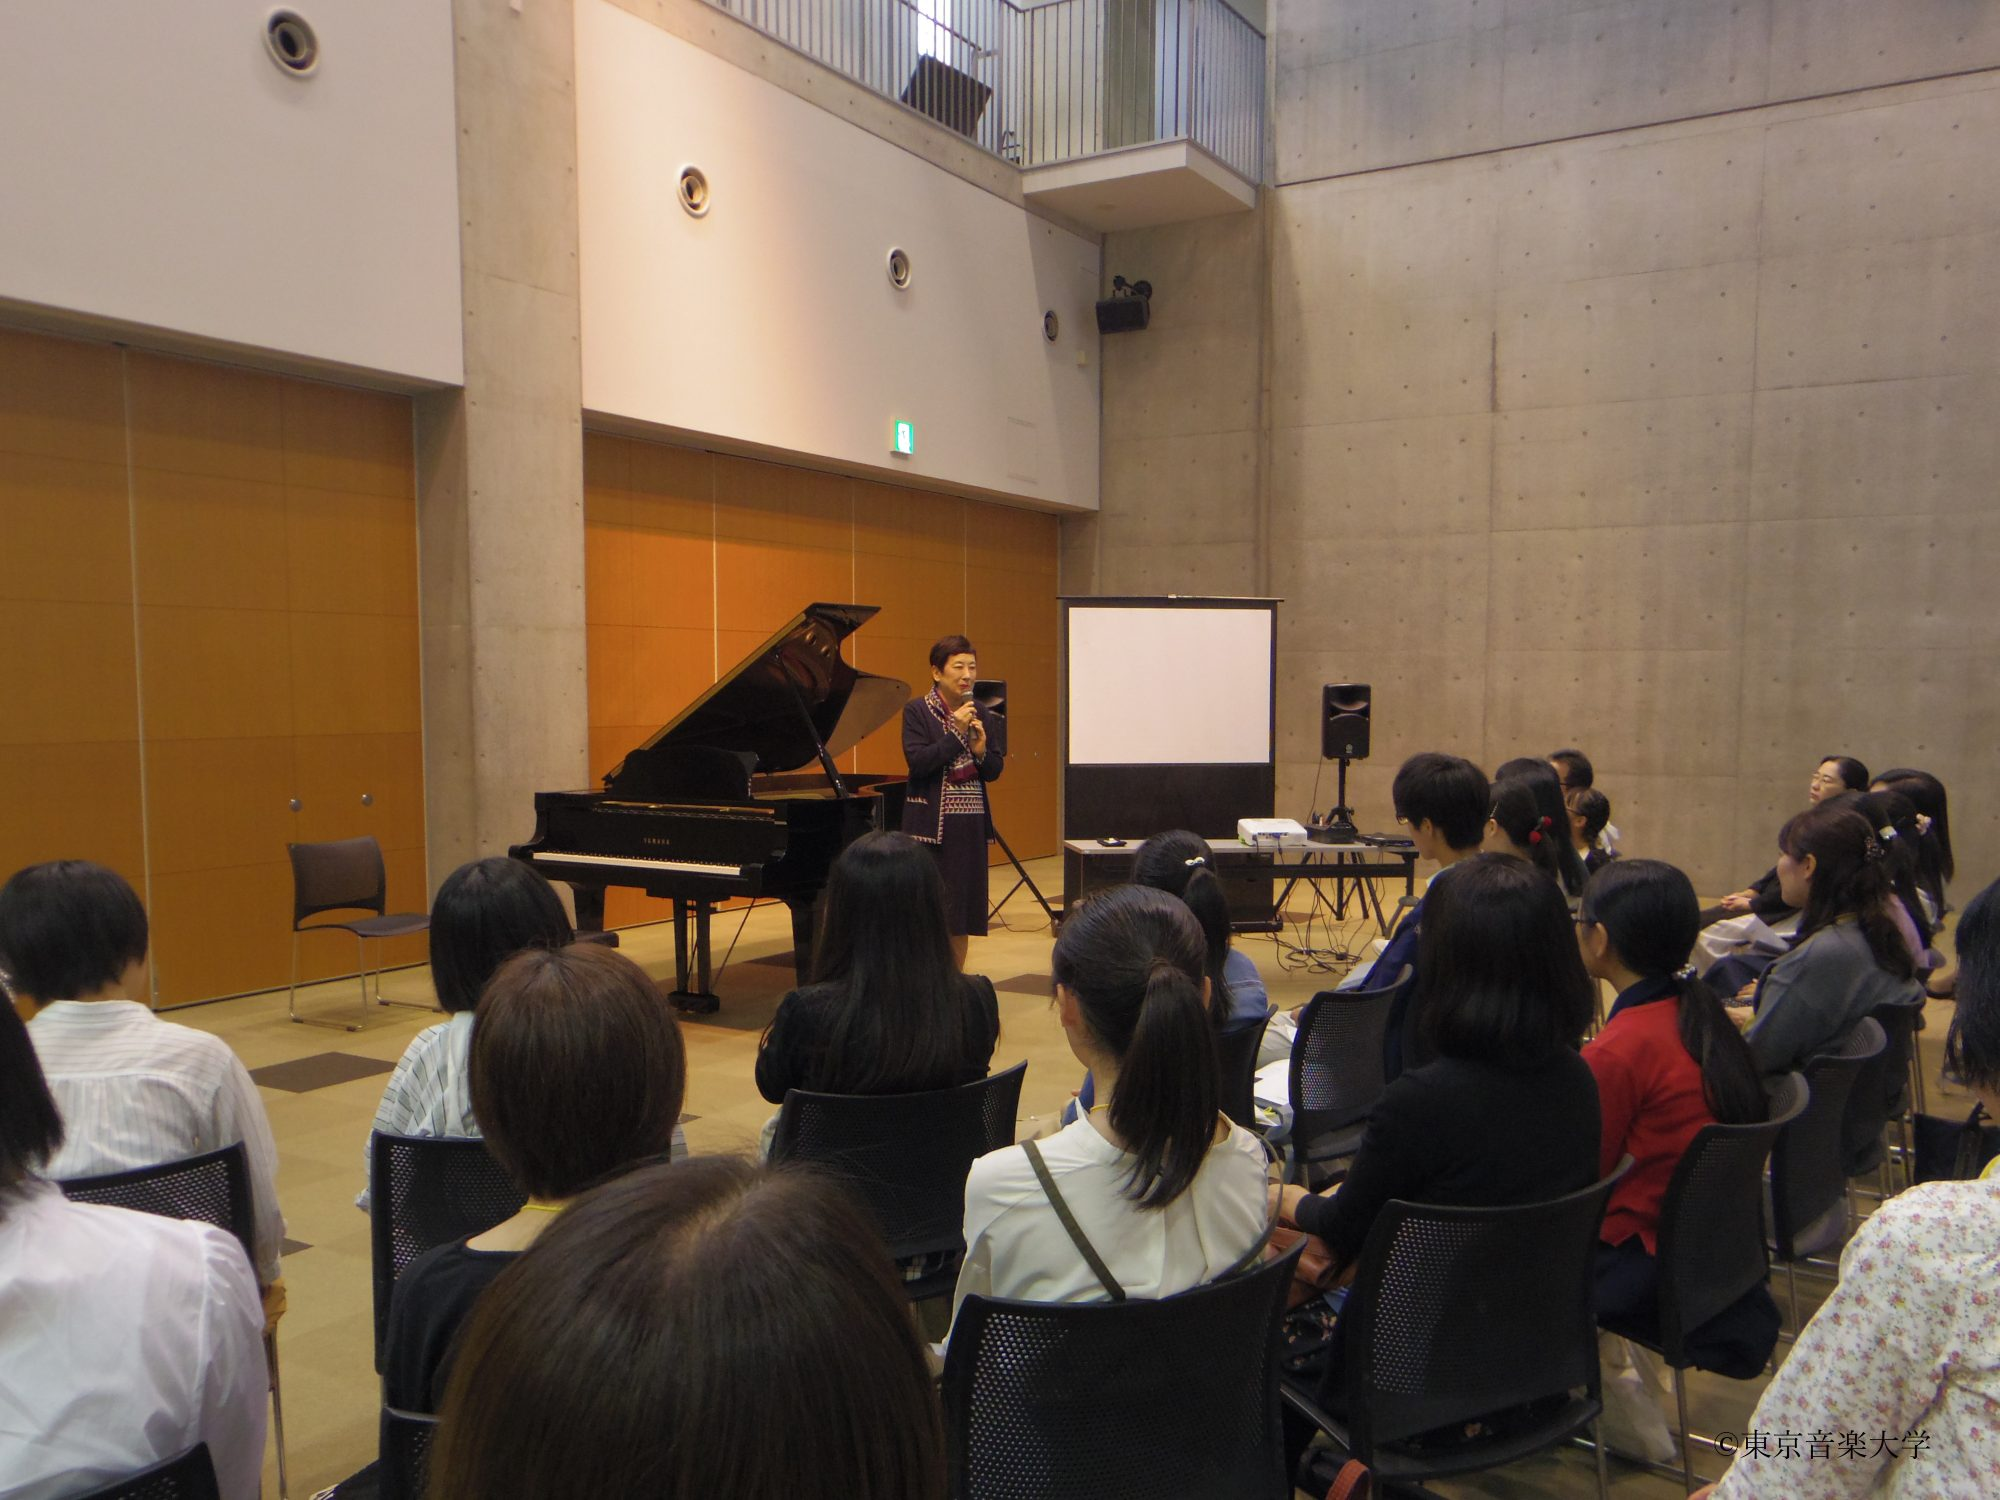 学校説明会&出張レッスン(ピアノ)in高松のレポートを掲載しました